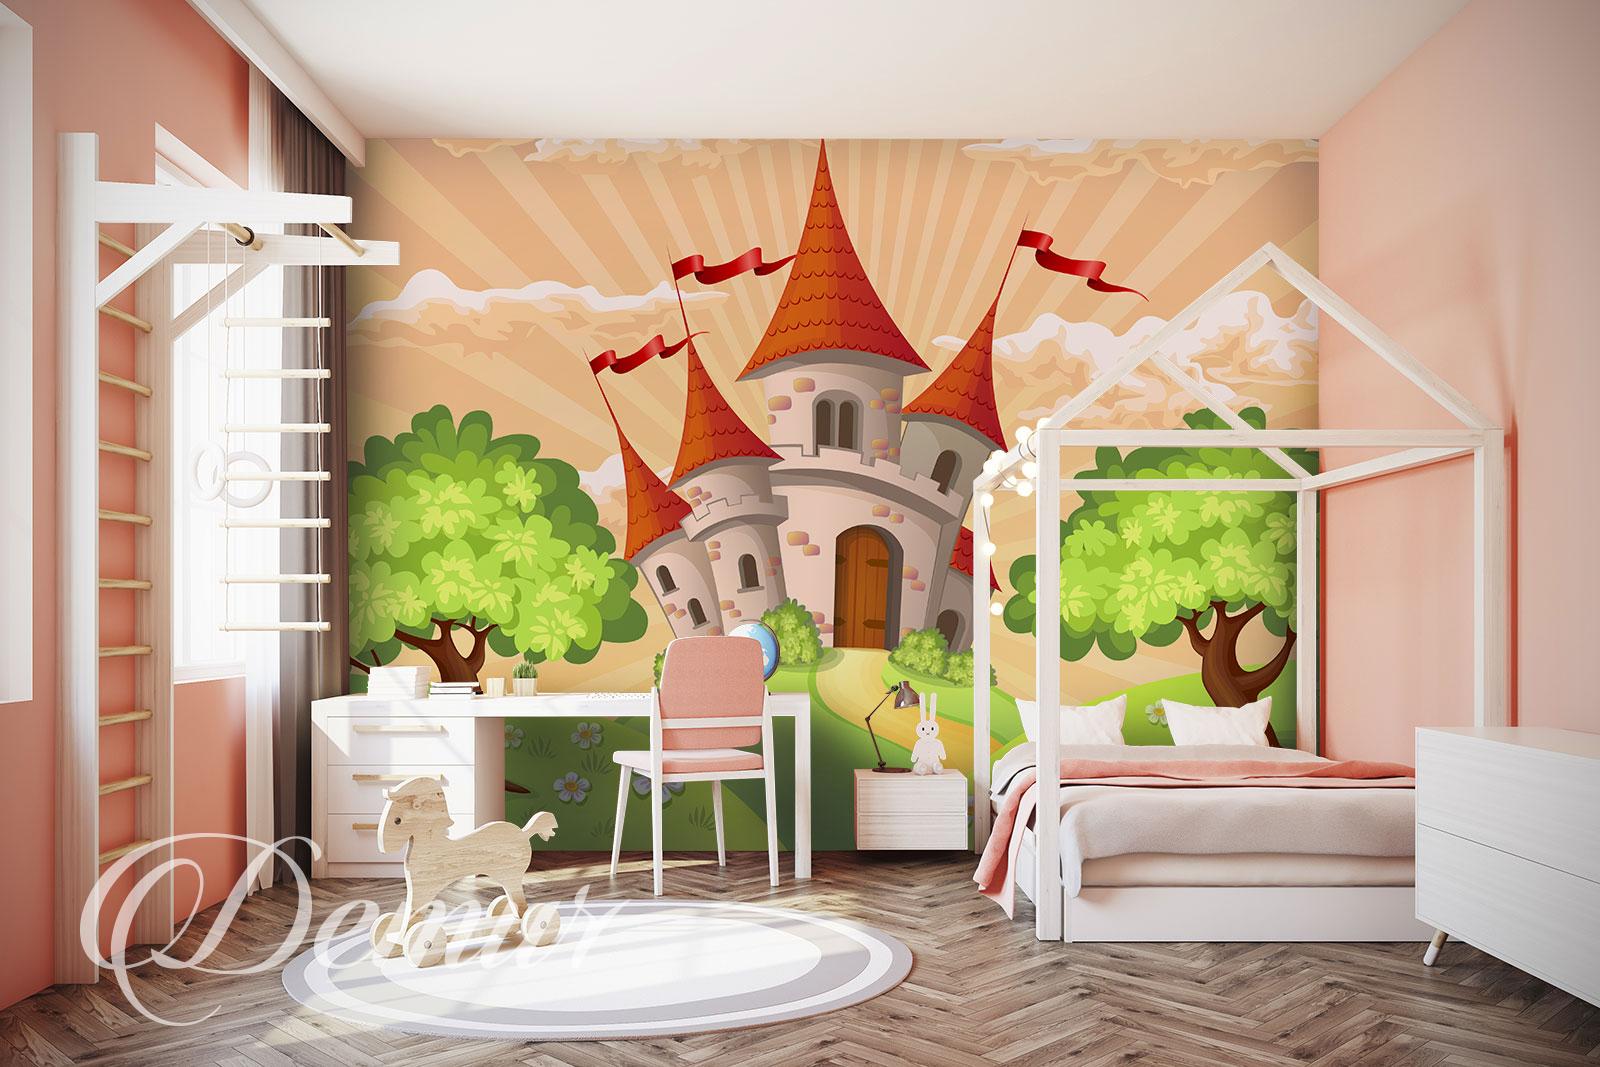 Fototapeta Zamek - Pomysł na ścianę w pokoju dziecięcym - Demur